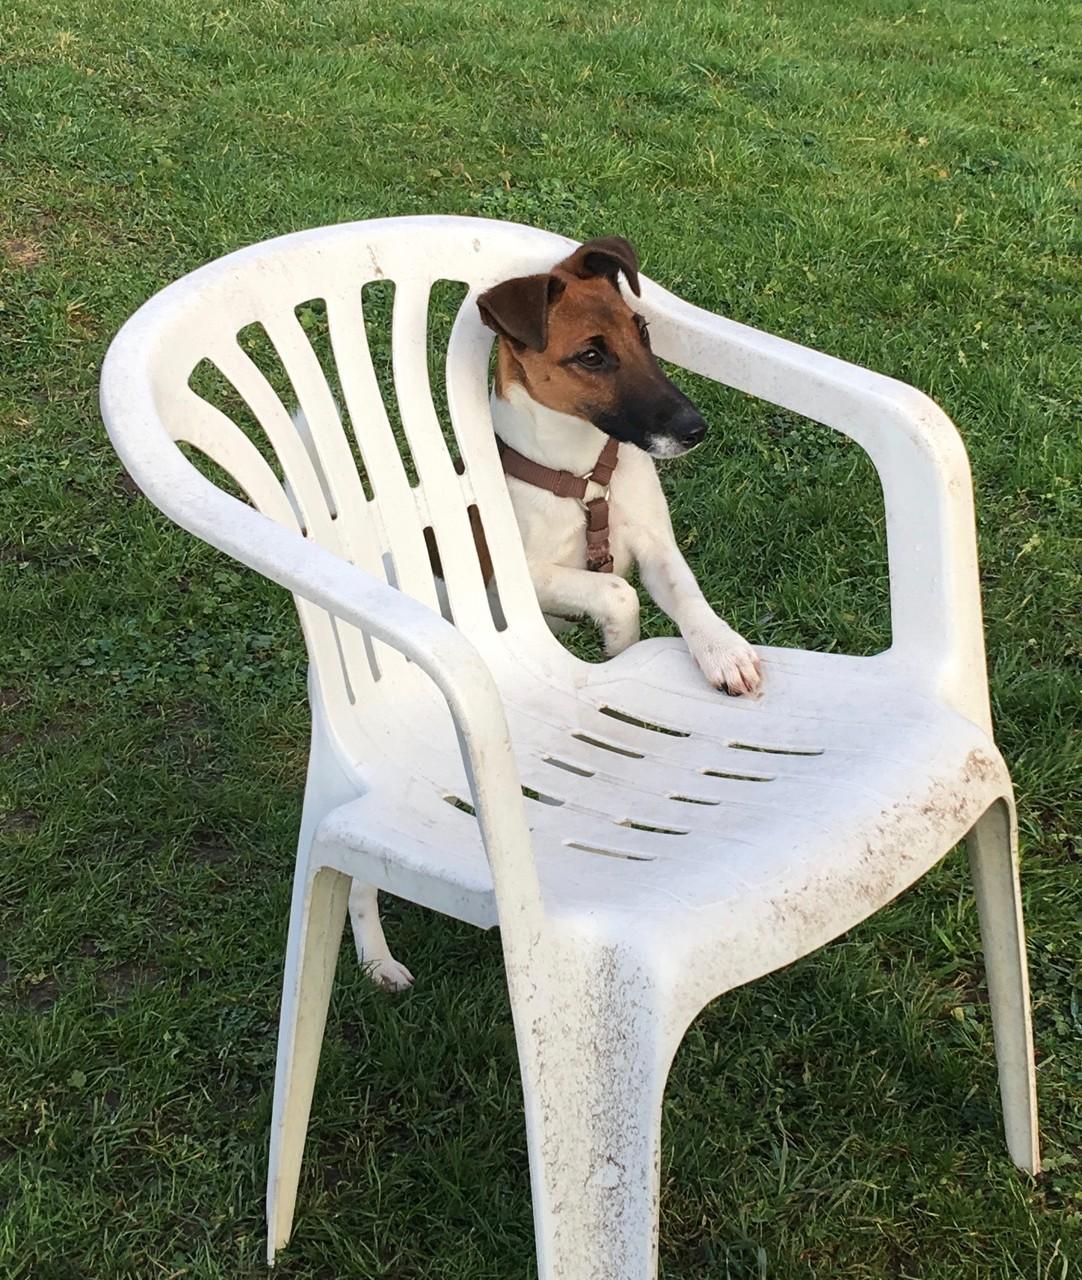 Quitte probiert den Stuhl aus